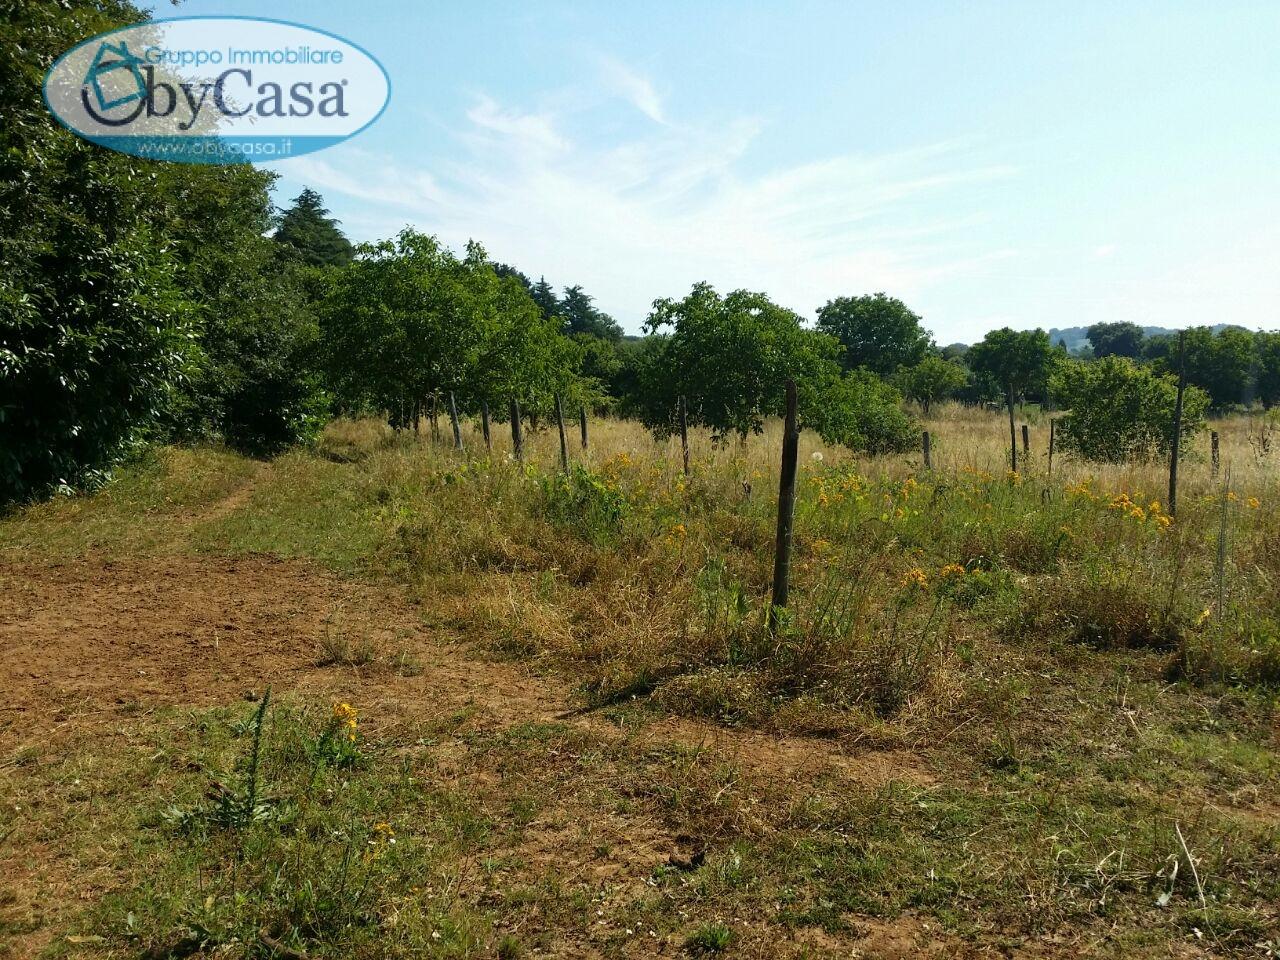 Terreno Agricolo in vendita a Manziana, 9999 locali, prezzo € 235.000 | Cambio Casa.it